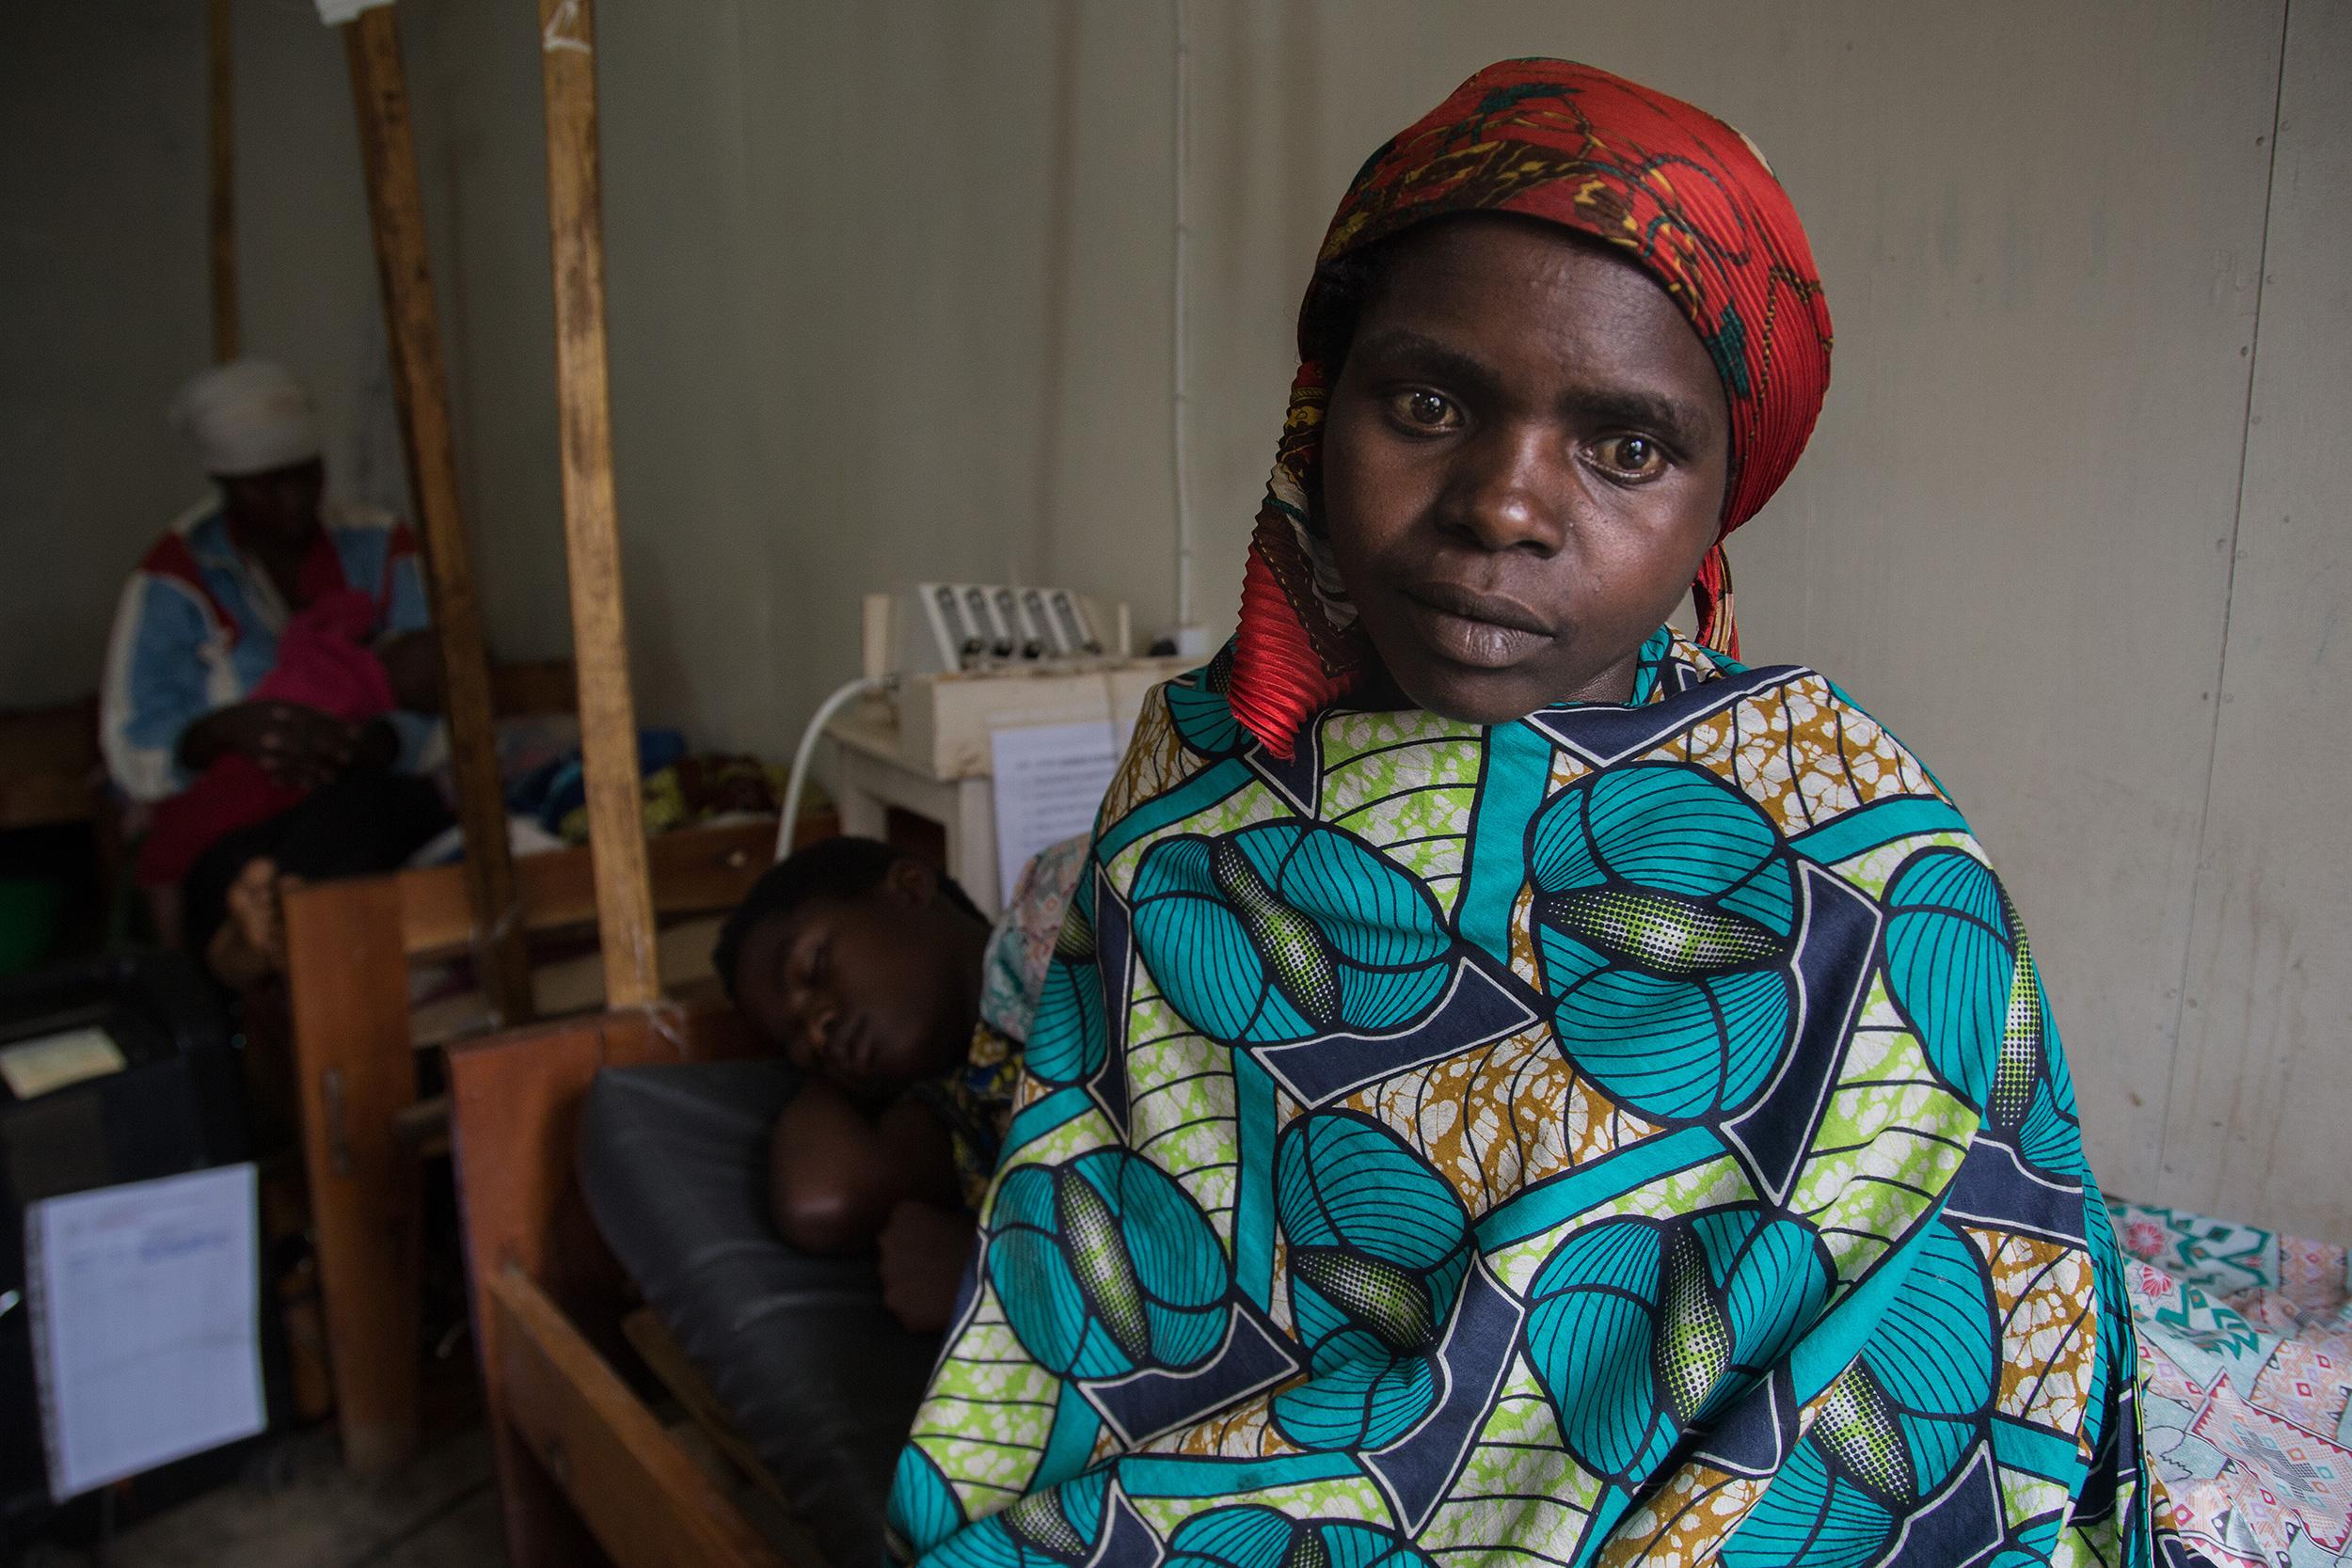 Tuisenge, una chica congoleña, recién llegada al hospital de Numbi espera sentada en la cama, con la mirada perdida.